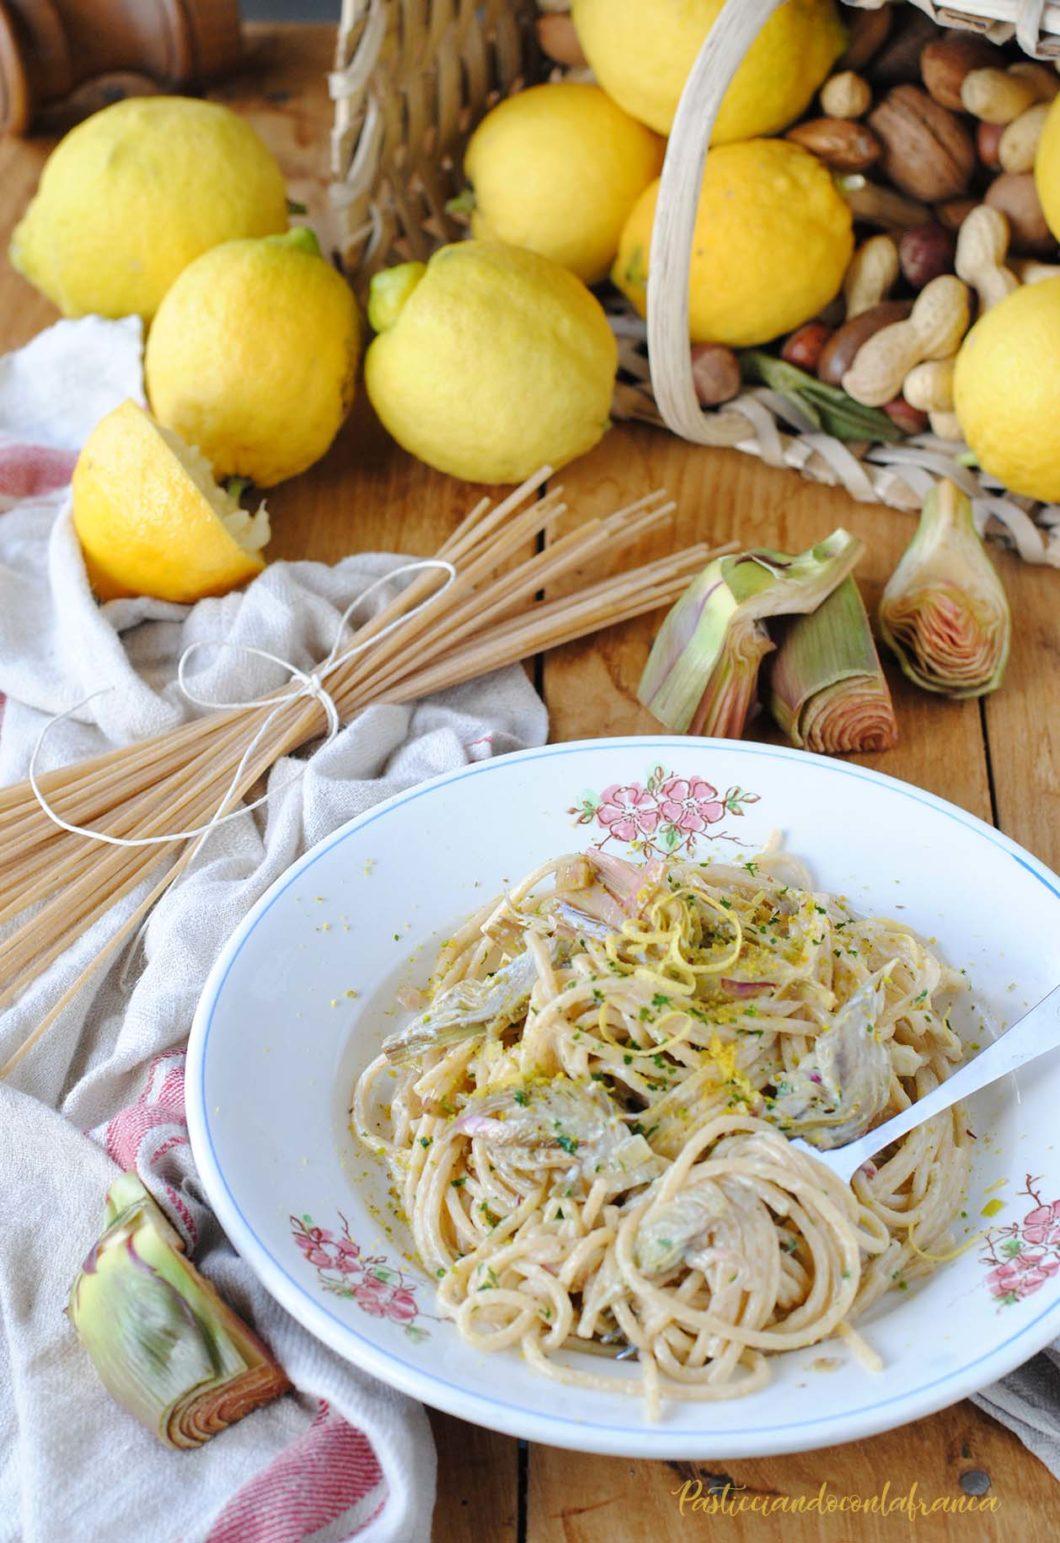 questa immagine rappresenta spaghetti integrali con carciofi e limone ricetta di pasticciandoconlafranca